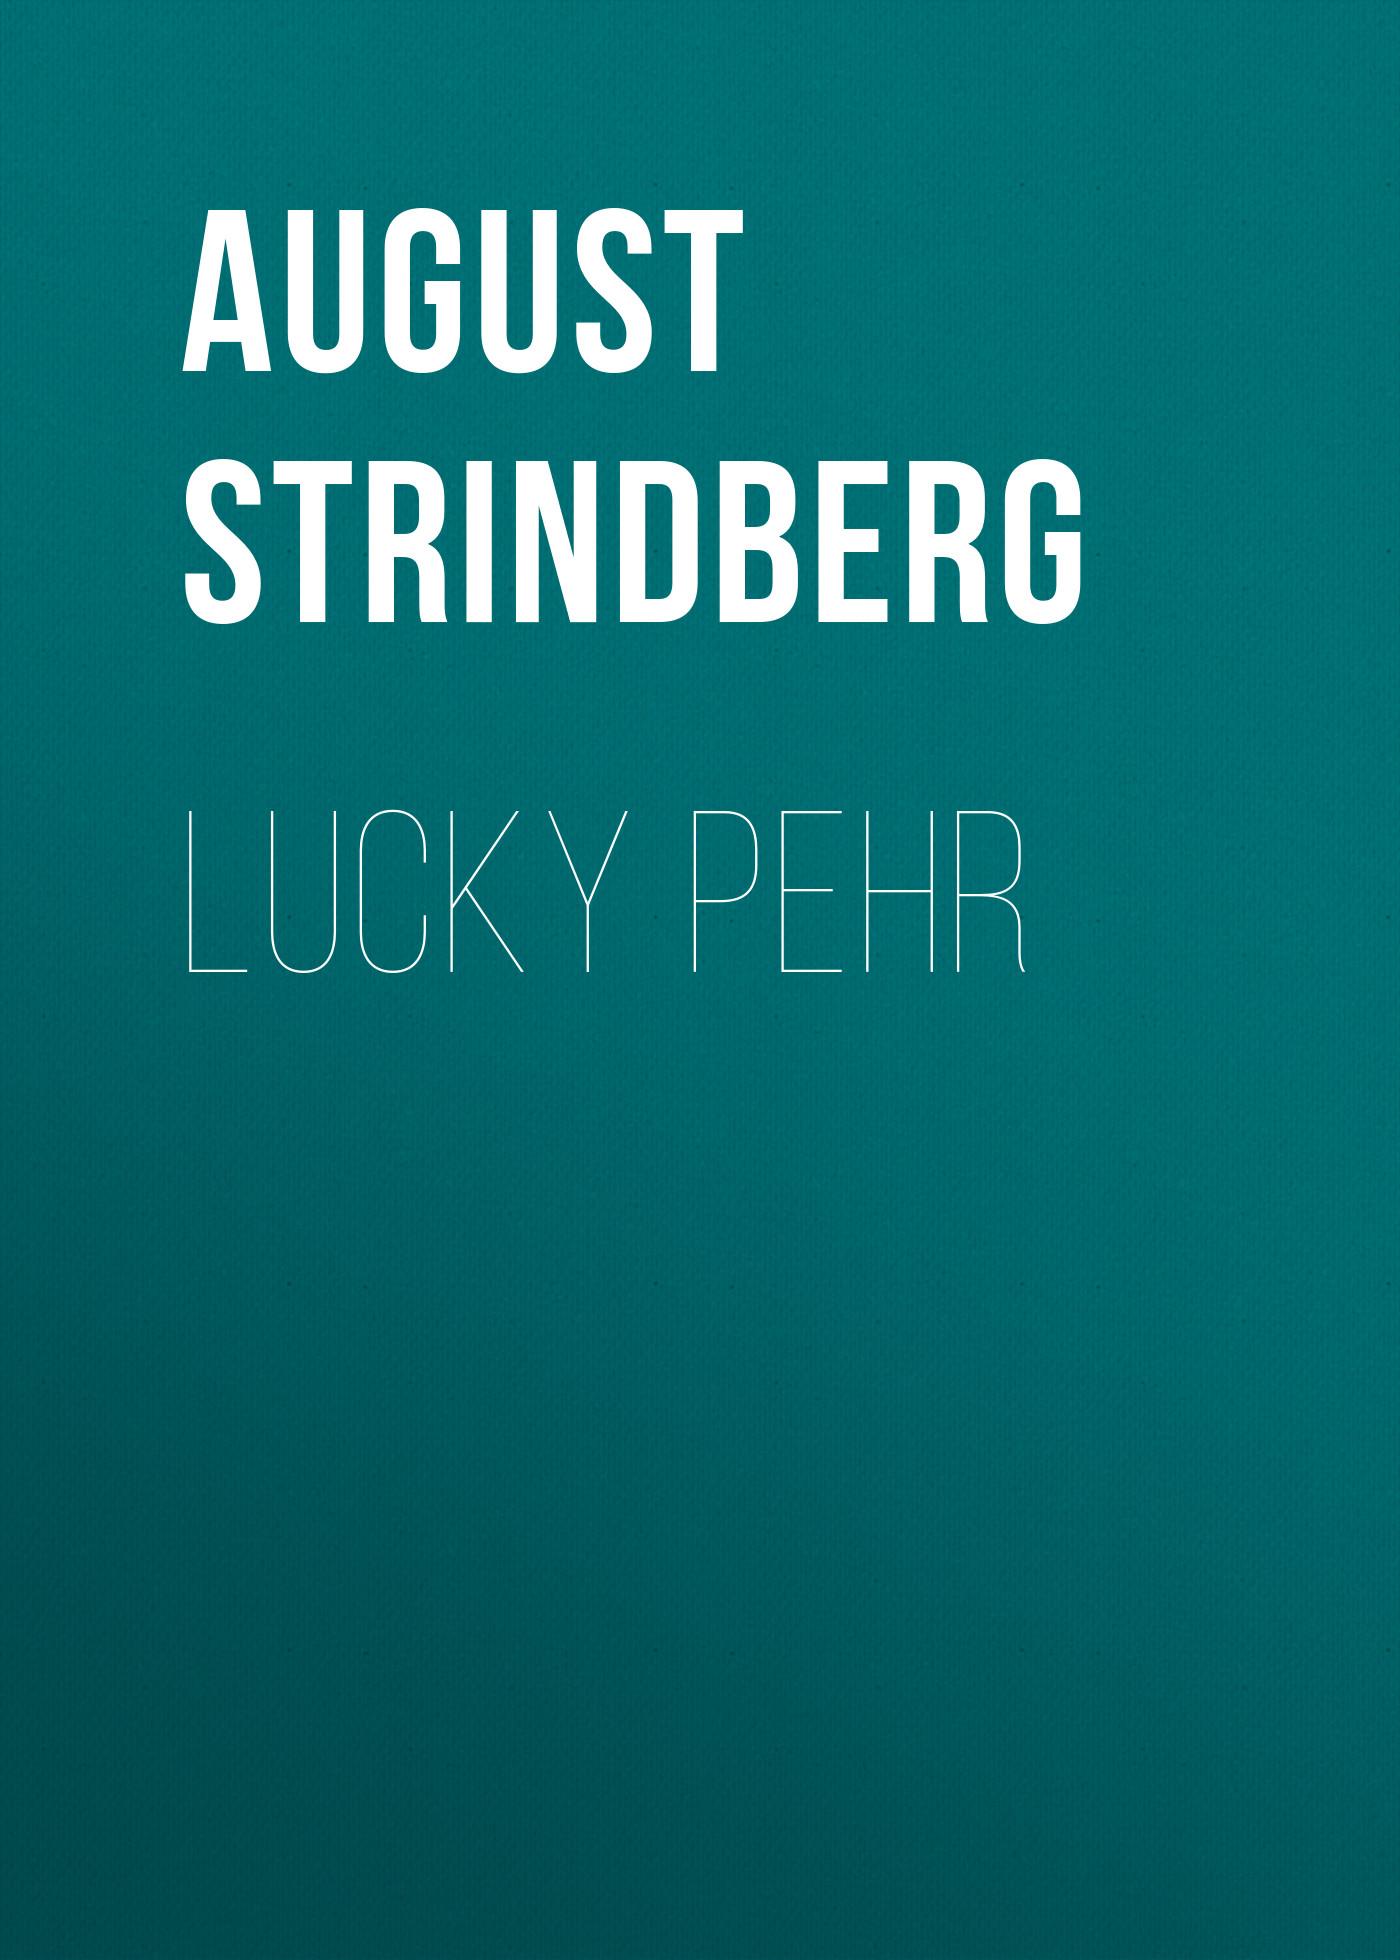 August Strindberg Lucky Pehr august strindberg hullu mehe kaitsekõne sari ajavaim